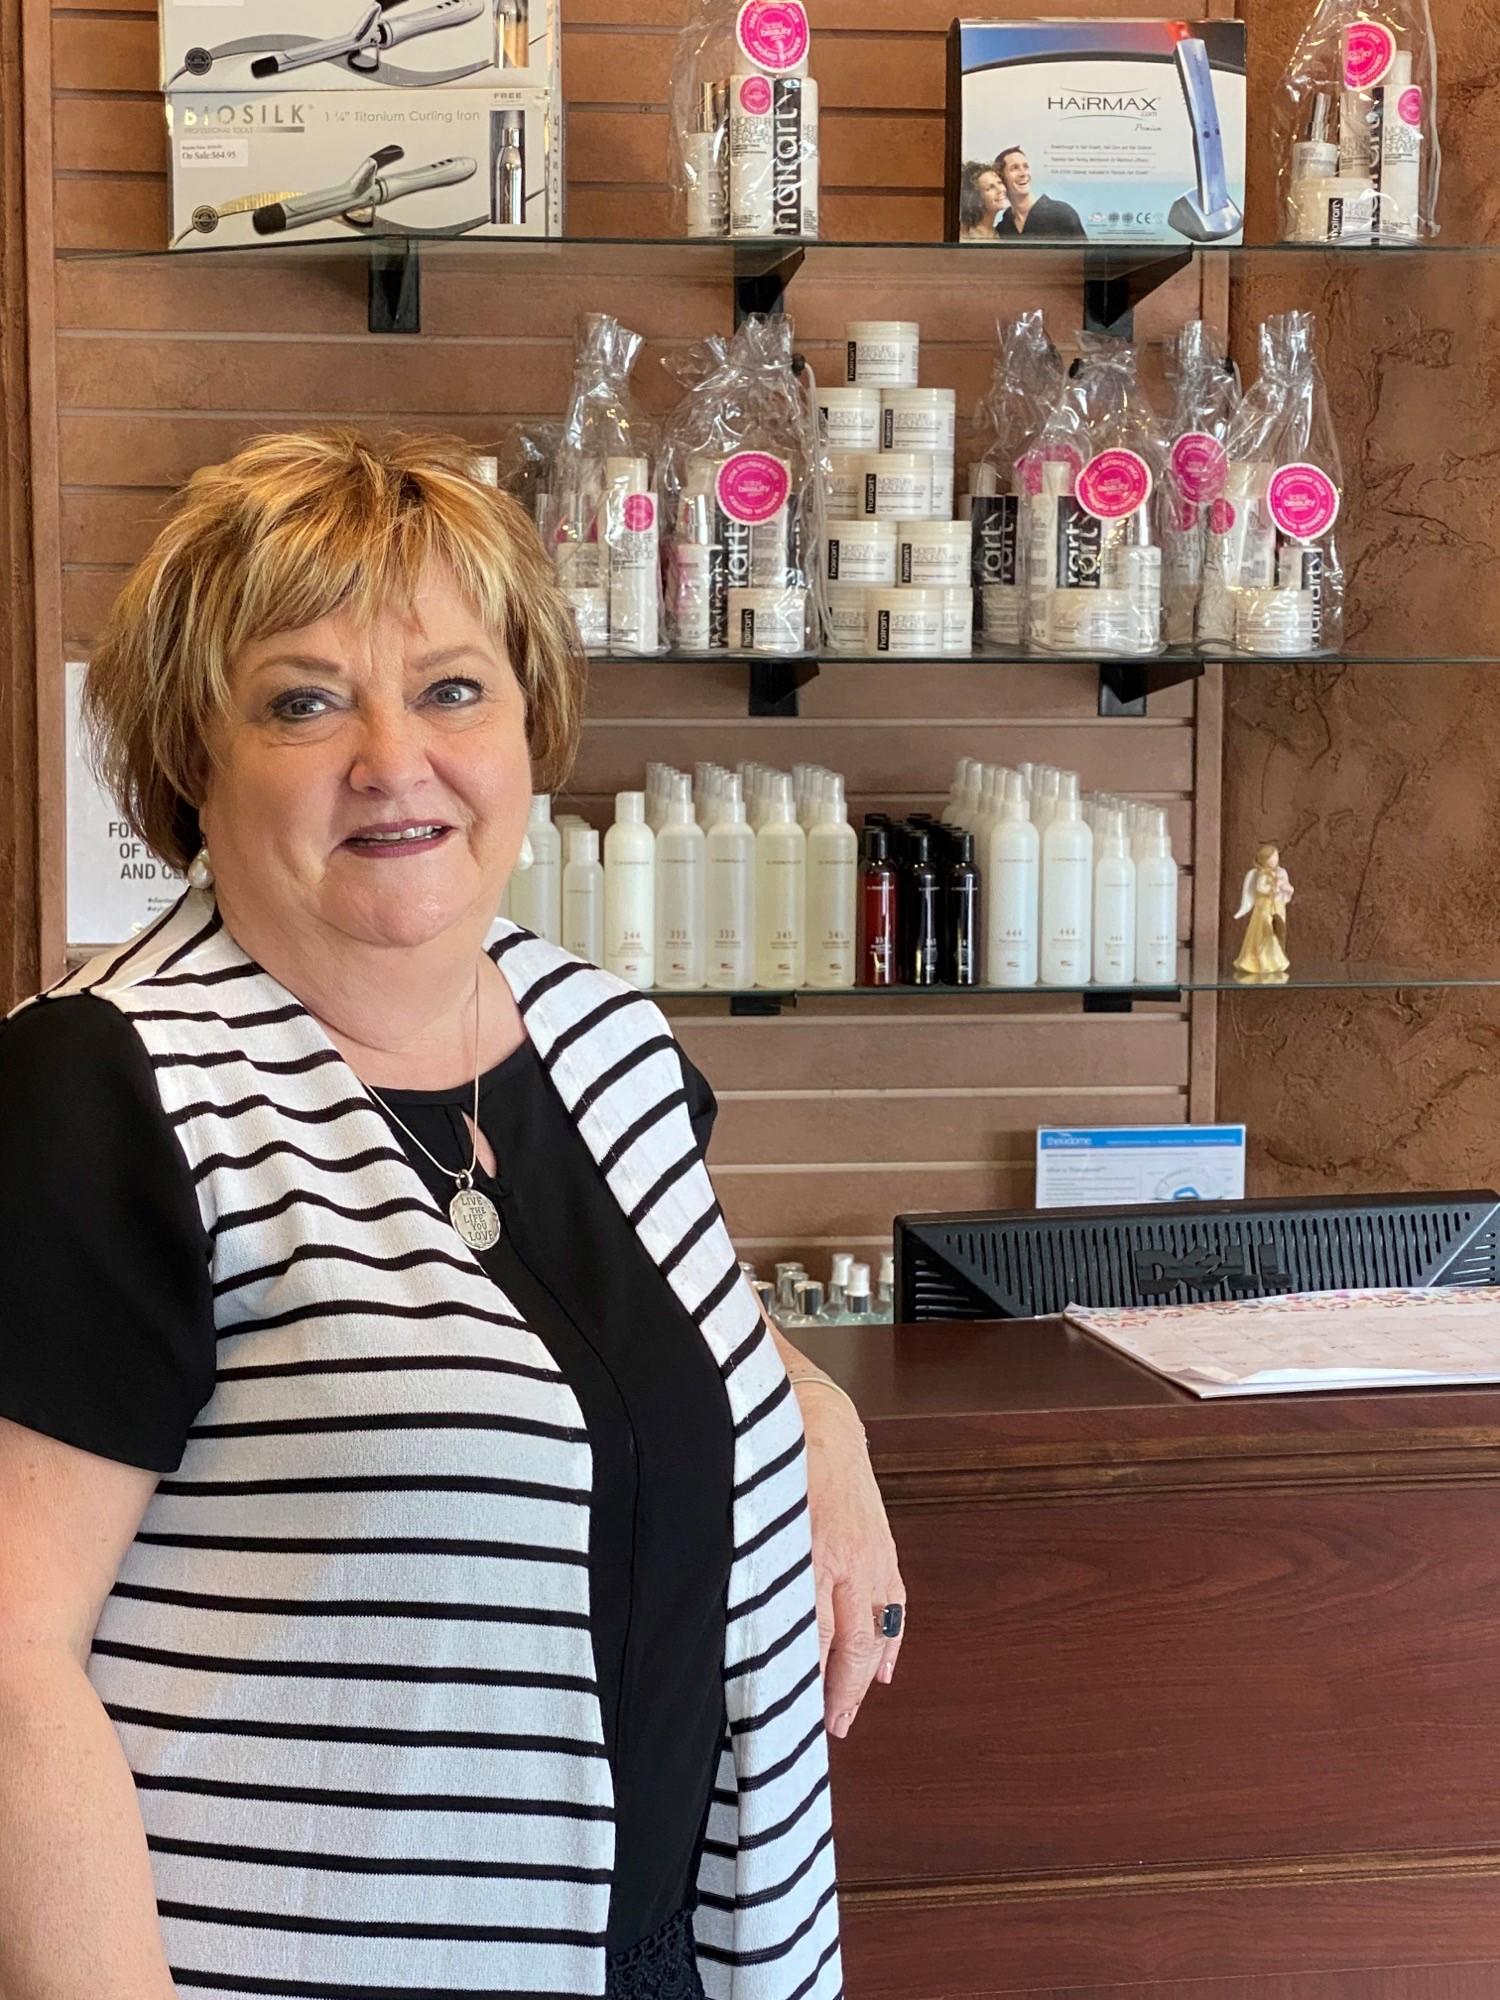 Image for Member Spotlight: Centre for Hair & Wellness